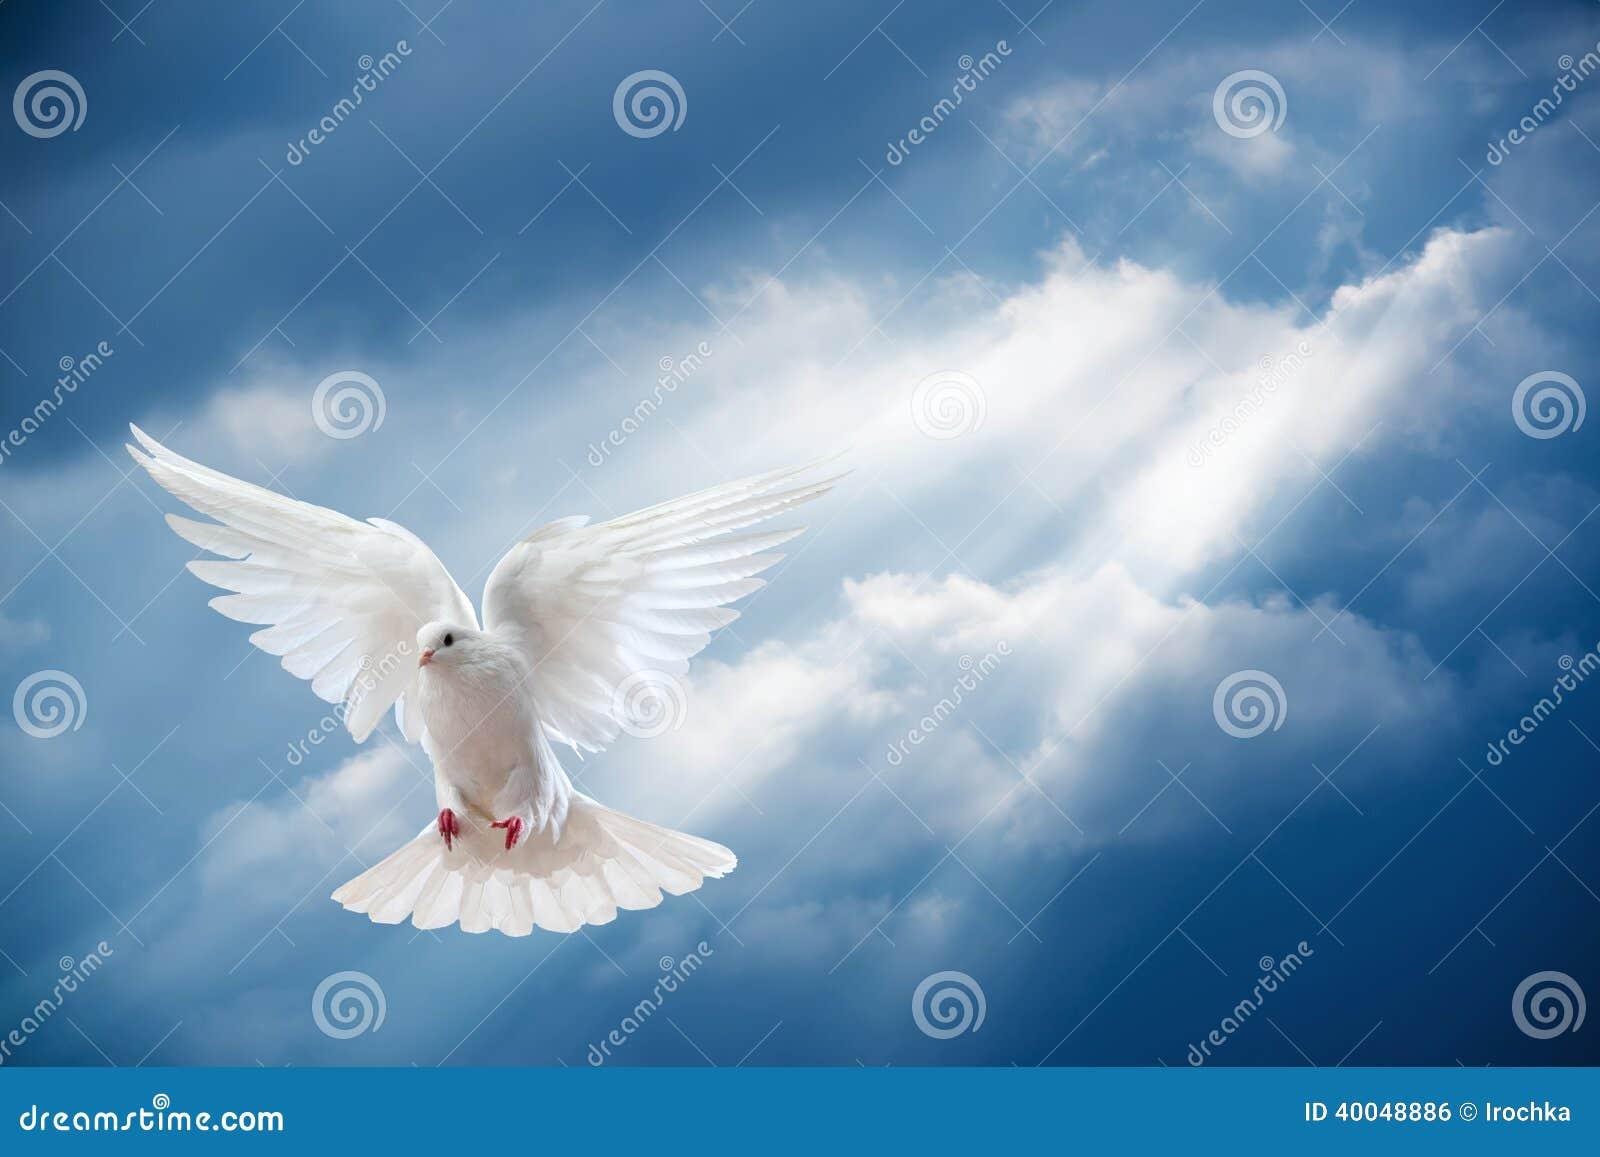 Голубь в воздухе с крылами широкими раскрывает